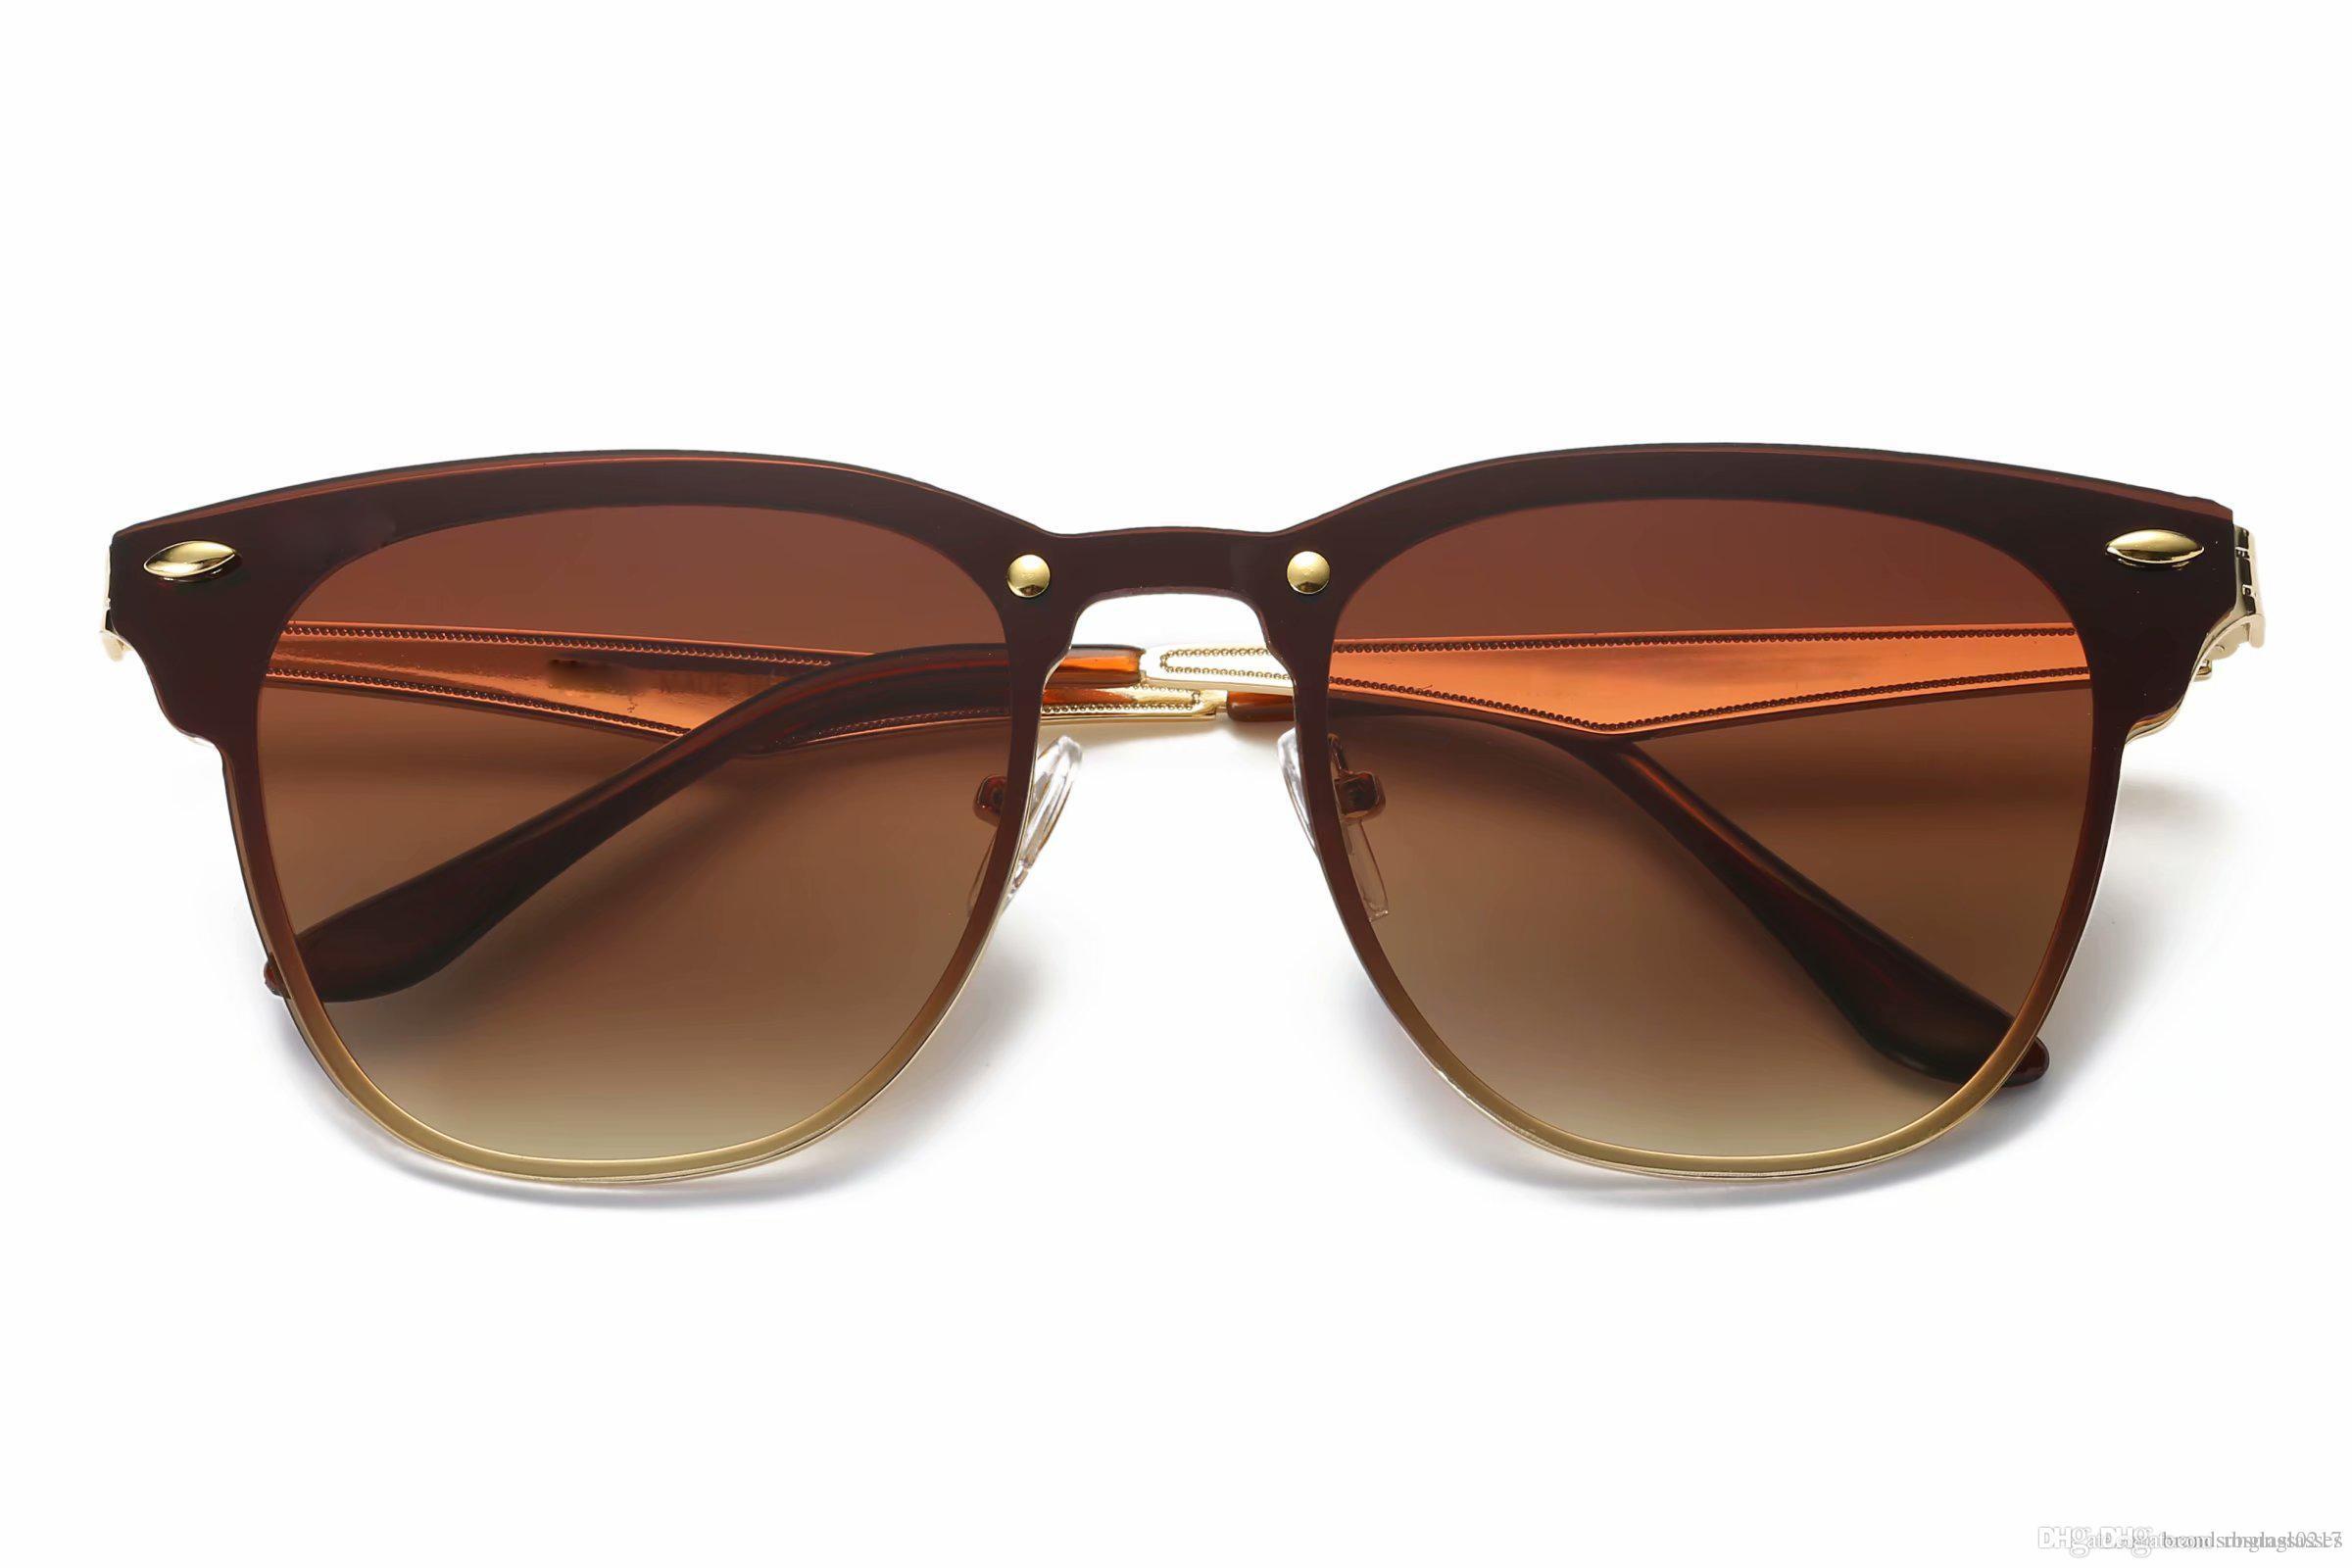 Горячие продажи дизайнерского бренда очки Мастер мужчин женщин солнцезащитные очки Открытый Sunglass Мировые бренды класса люкс с 1шт качества логотип коробки случай топ